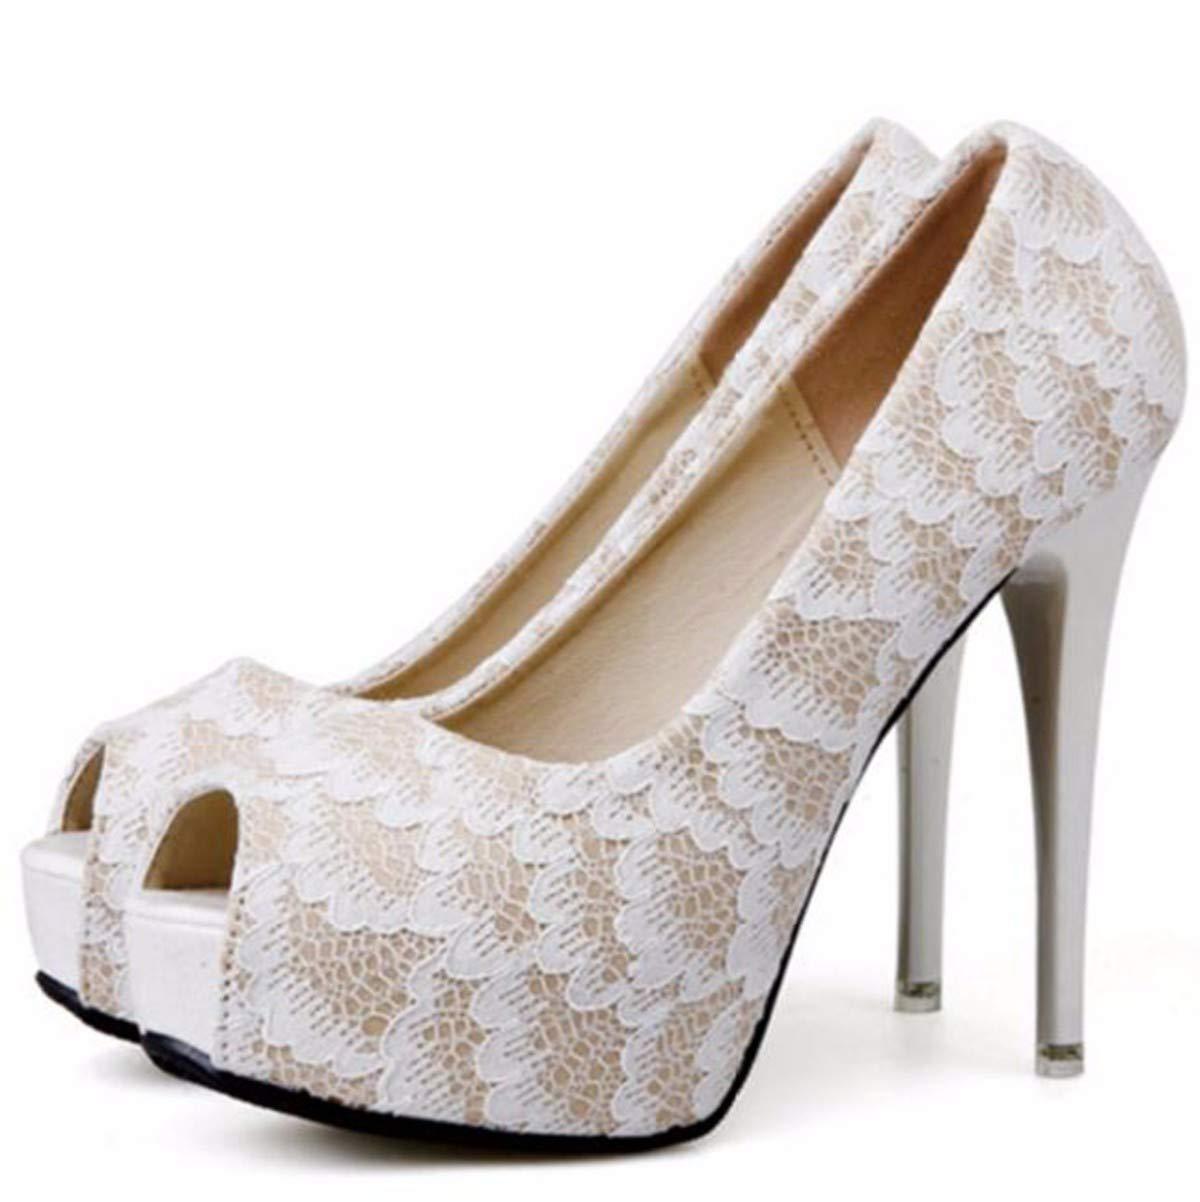 GTVERNH Damenschuhe Mode Im Frühjahr 12Cm High - Heel Gut Zu Fisch Mund Einzigen Schuh Modischen Spitzen Spitzen Wie Niedrige Professionelle Damen - Schuhe